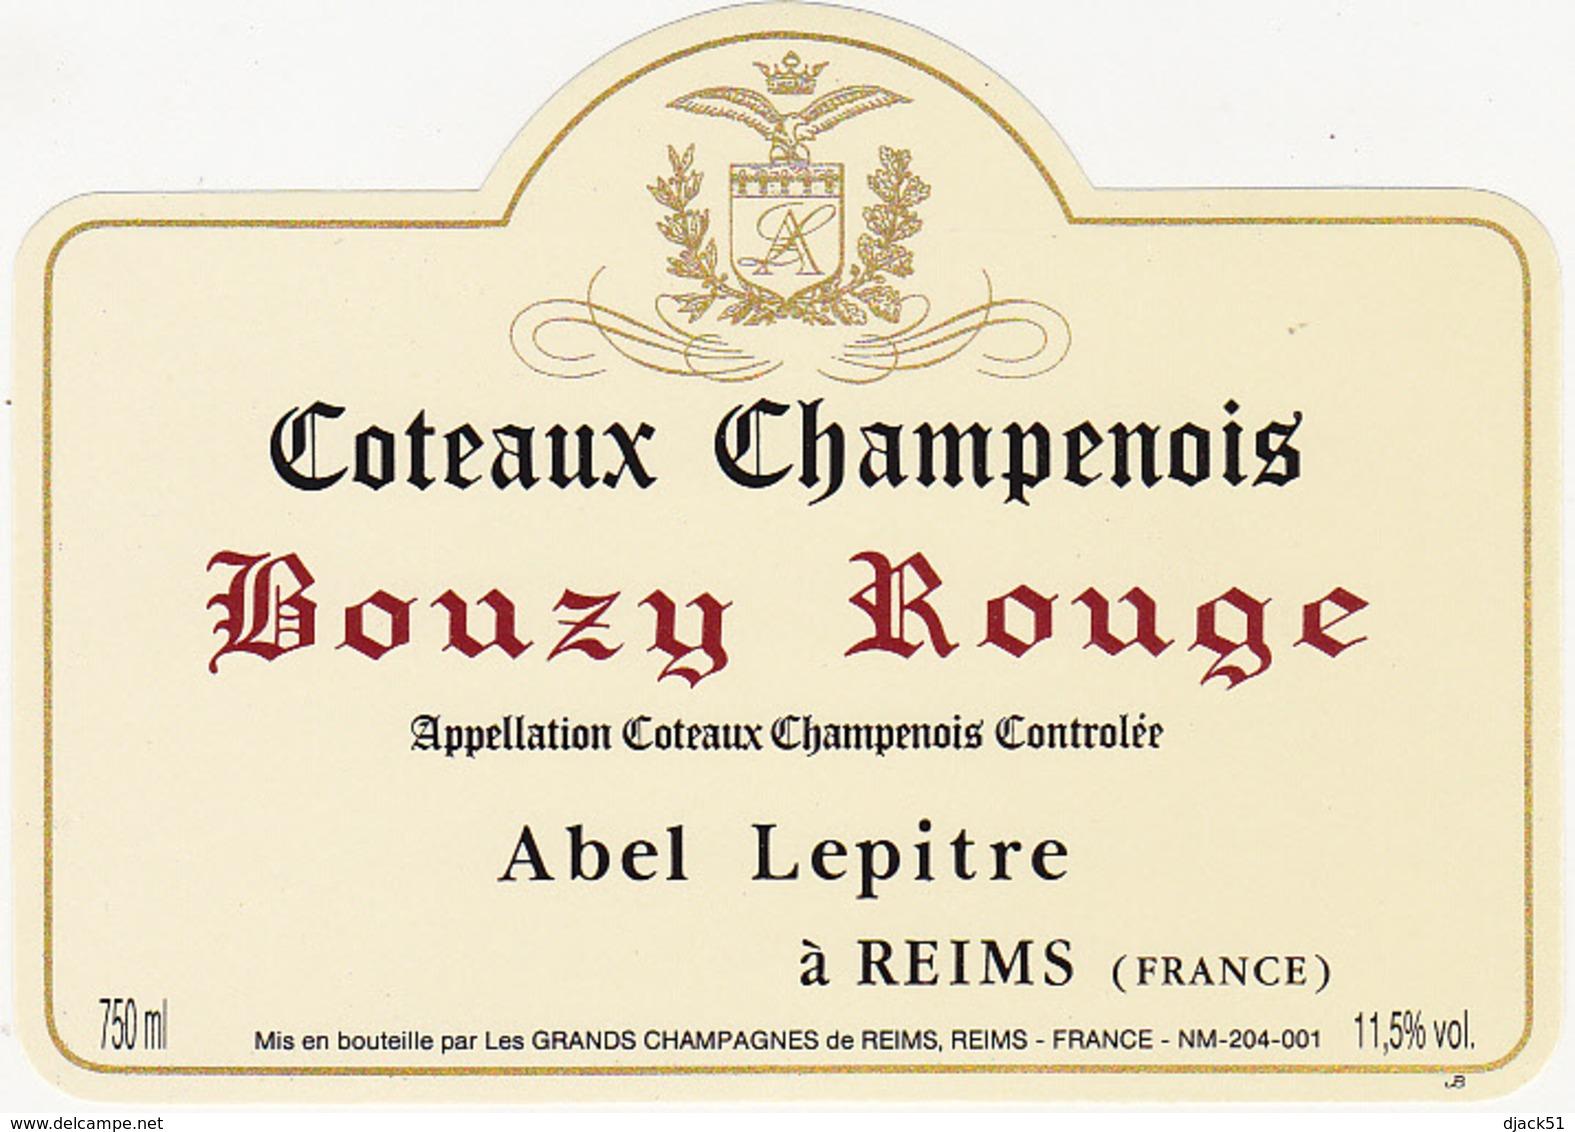 Coteaux Champenois